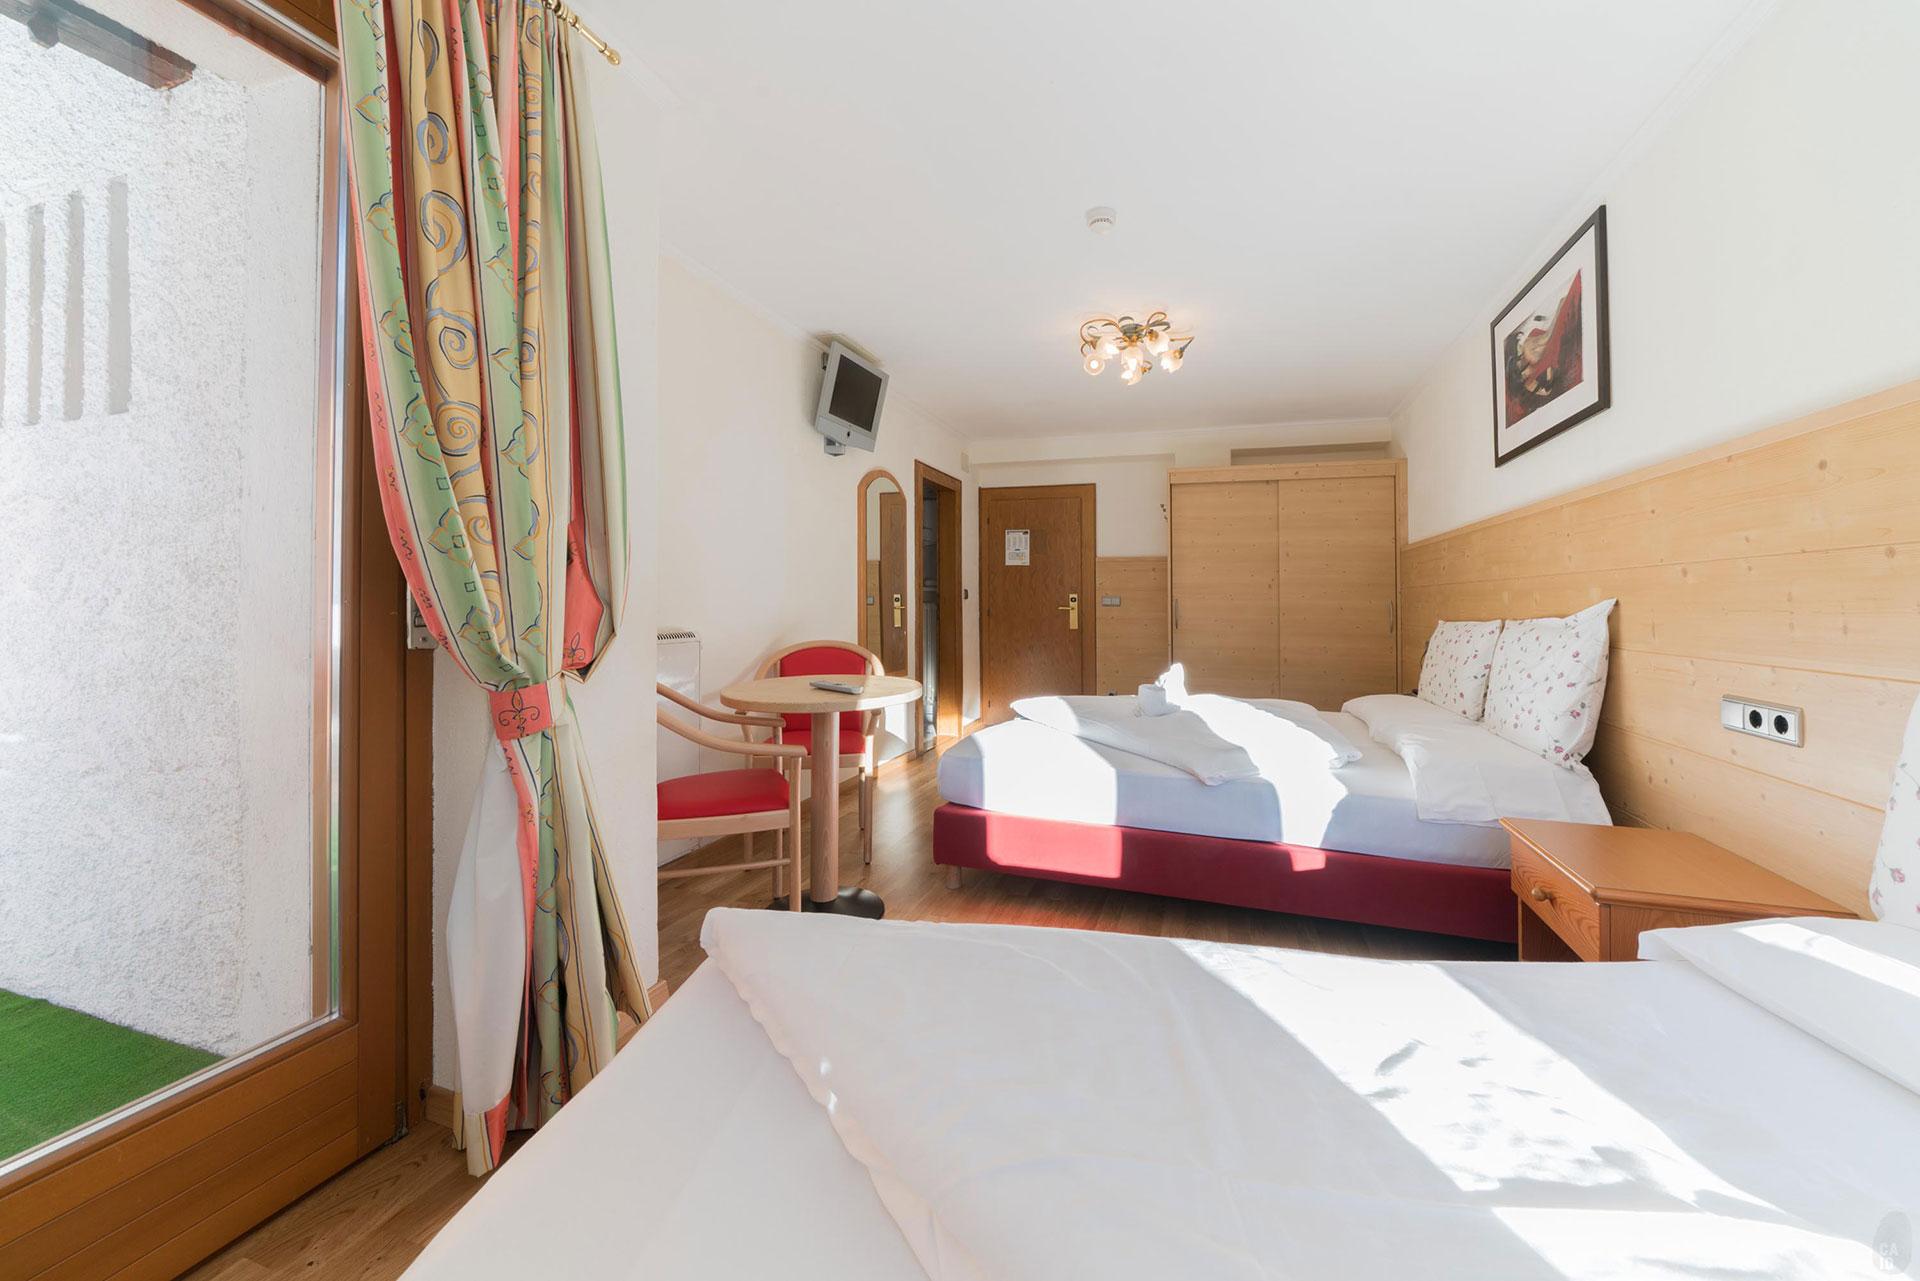 Zimmer hotel wolkenstein dolomiten hotel solaia for Zimmer hotel